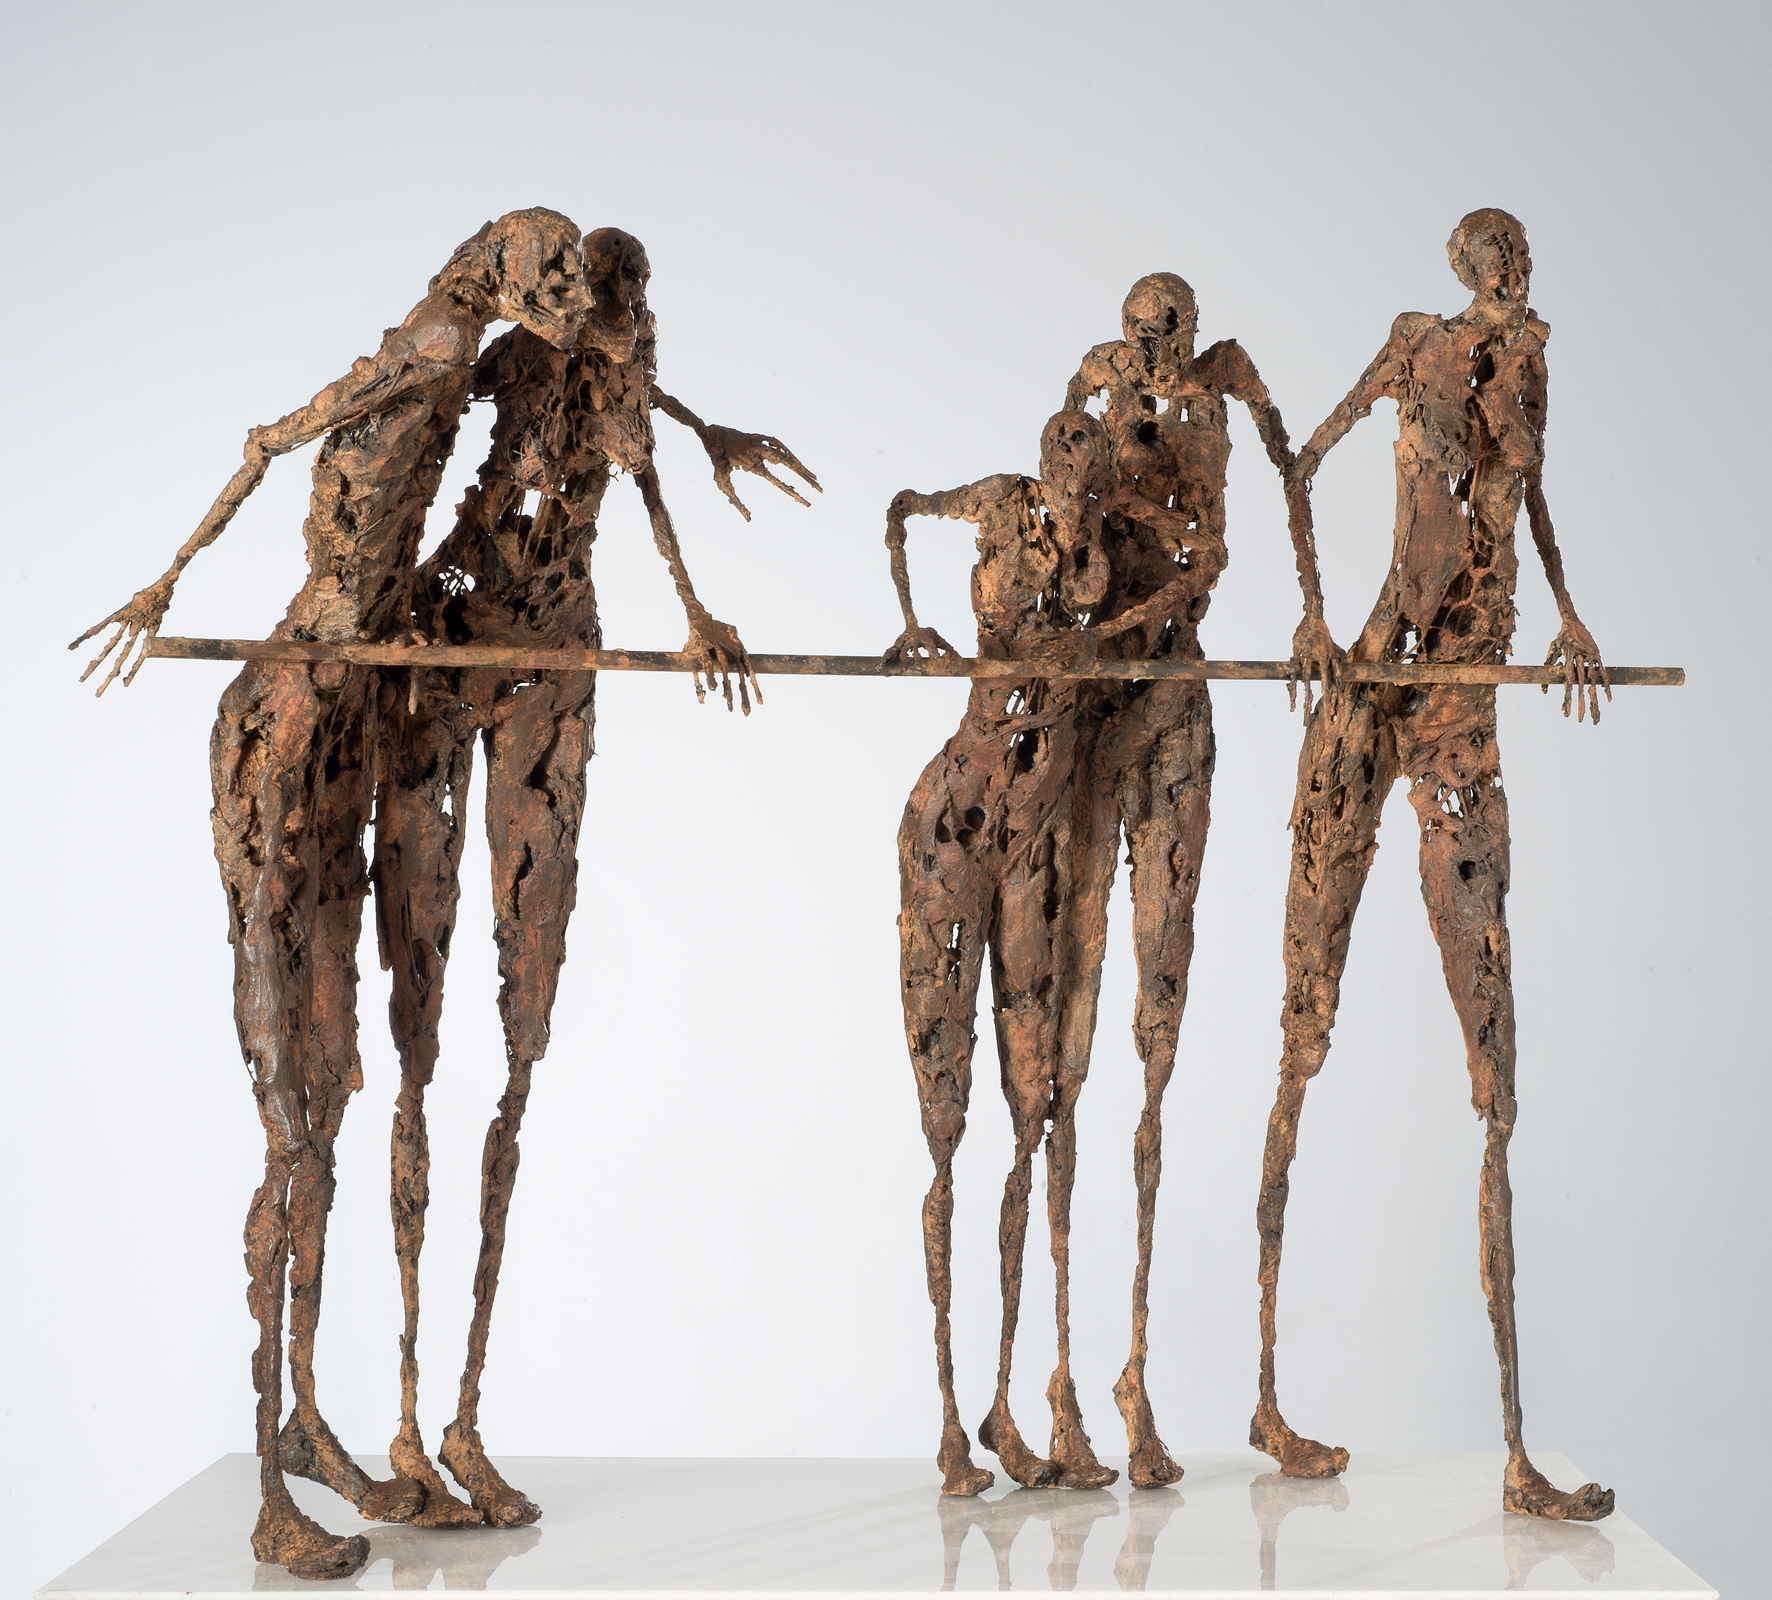 jouan artiste sculpteur